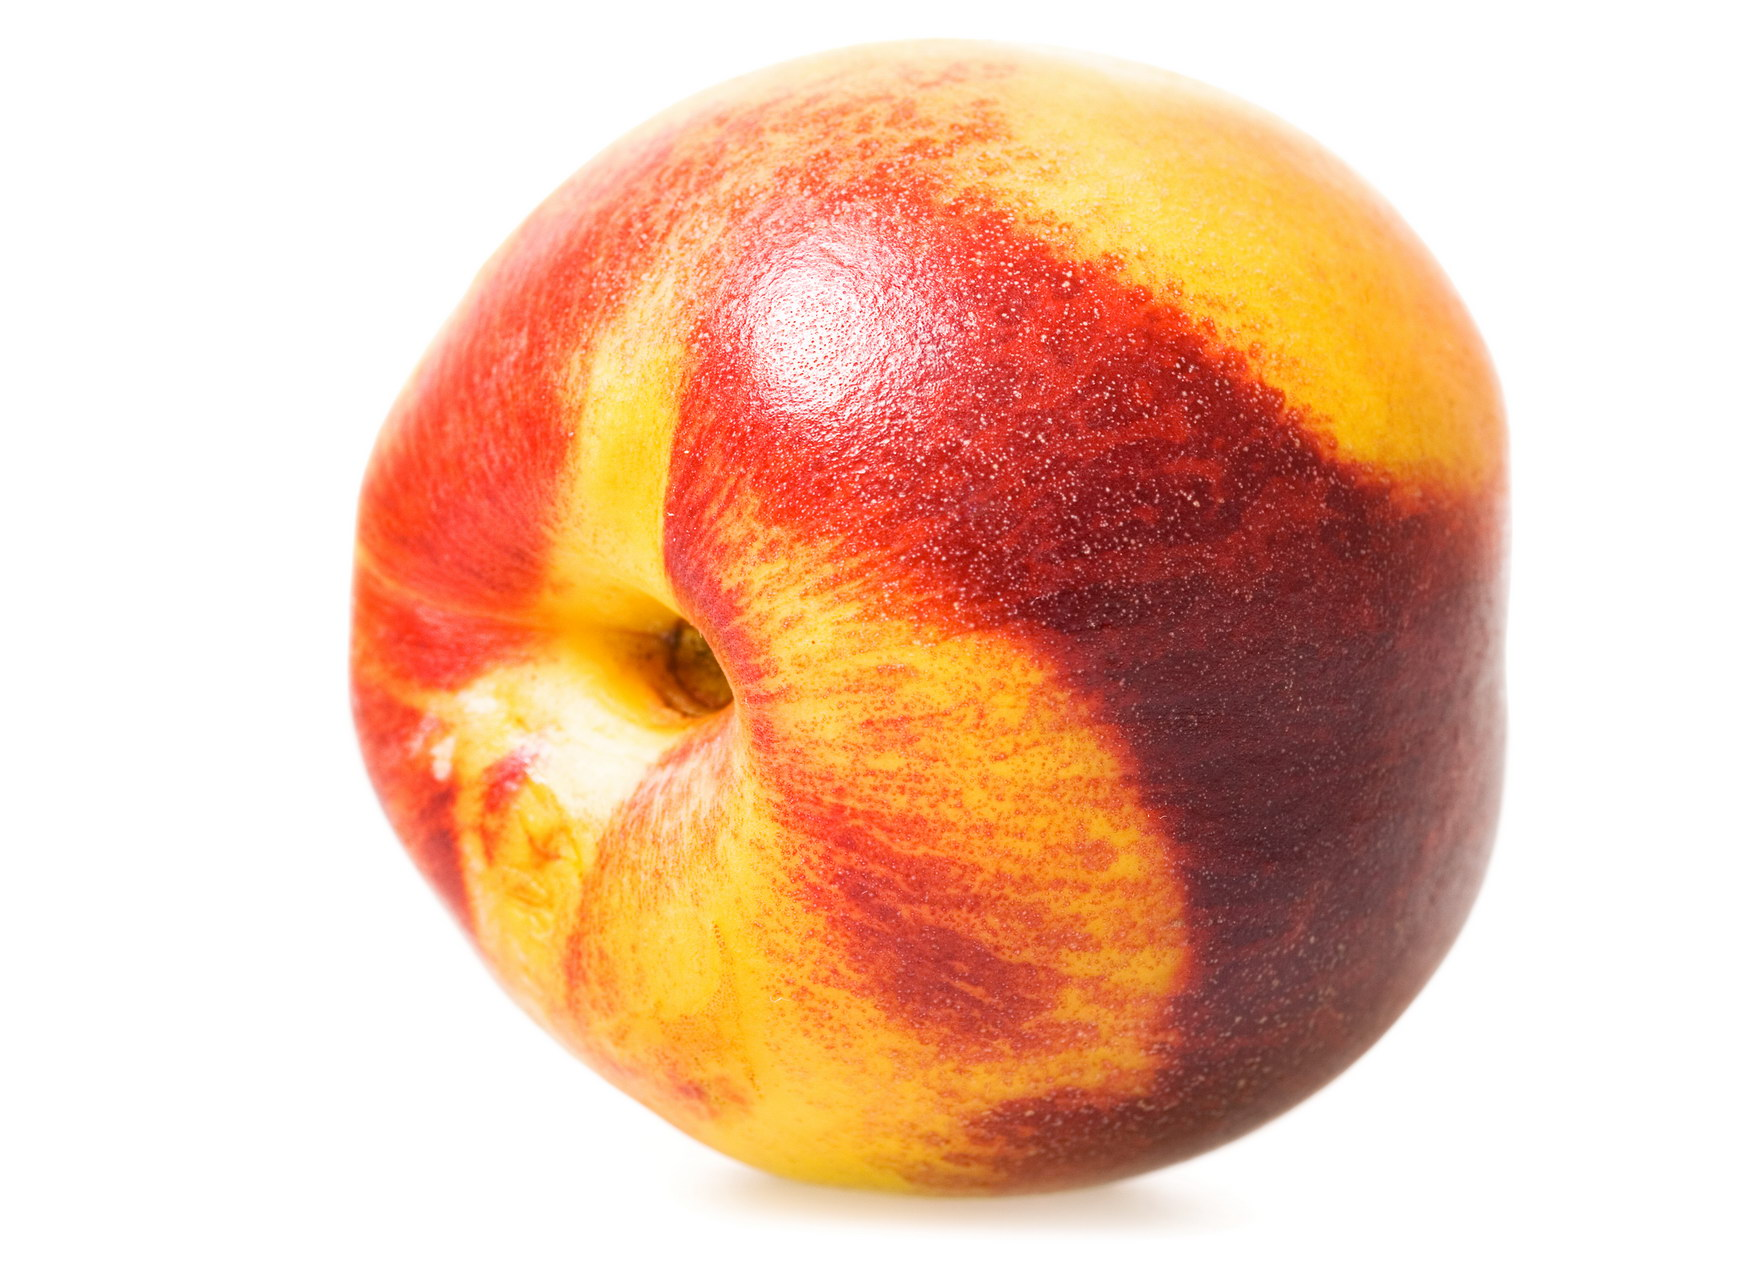 Nectarine, Rind, Ripe, Round, Red, HQ Photo